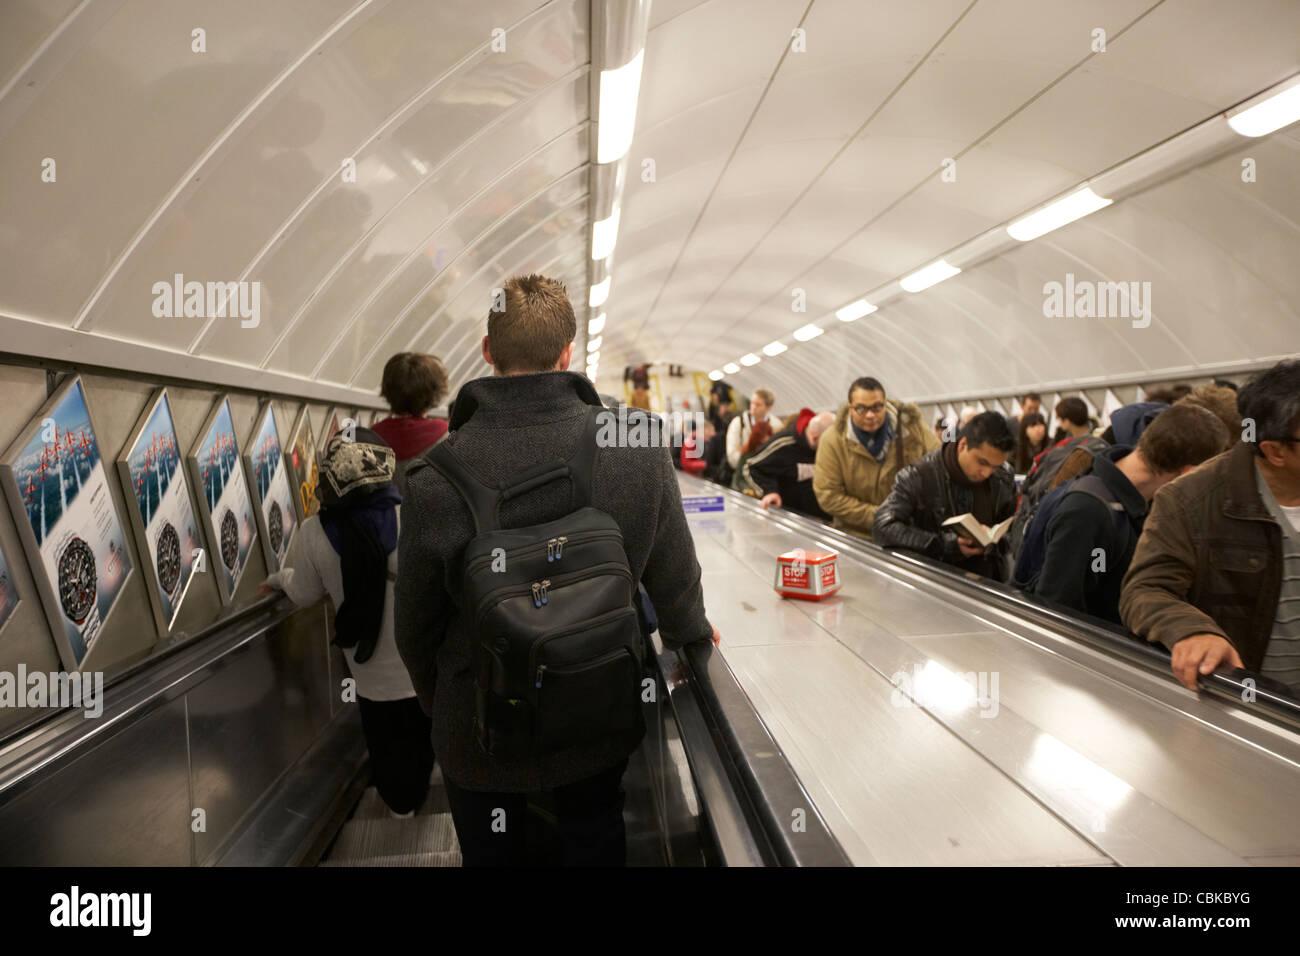 Les passagers et les usagers sur l'escalier mécanique à la station de métro de Londres Angleterre Photo Stock